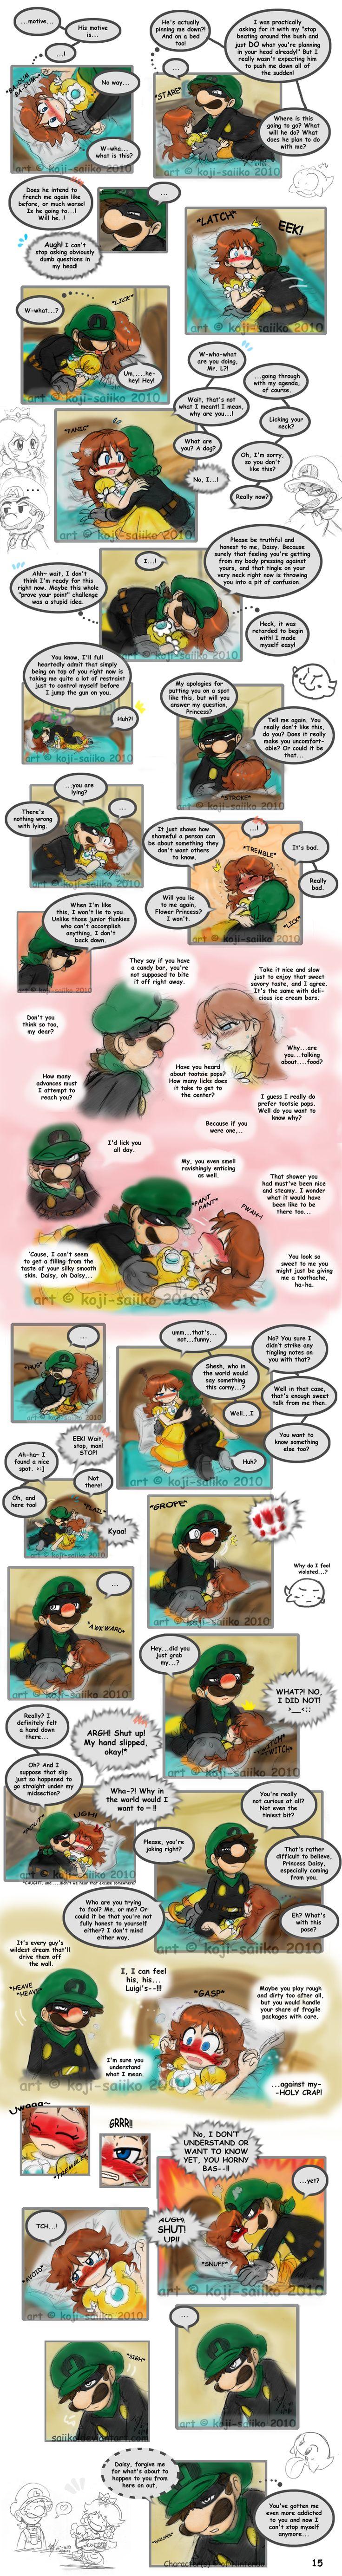 Mario: Alone at Home Pg 15 by saiiko